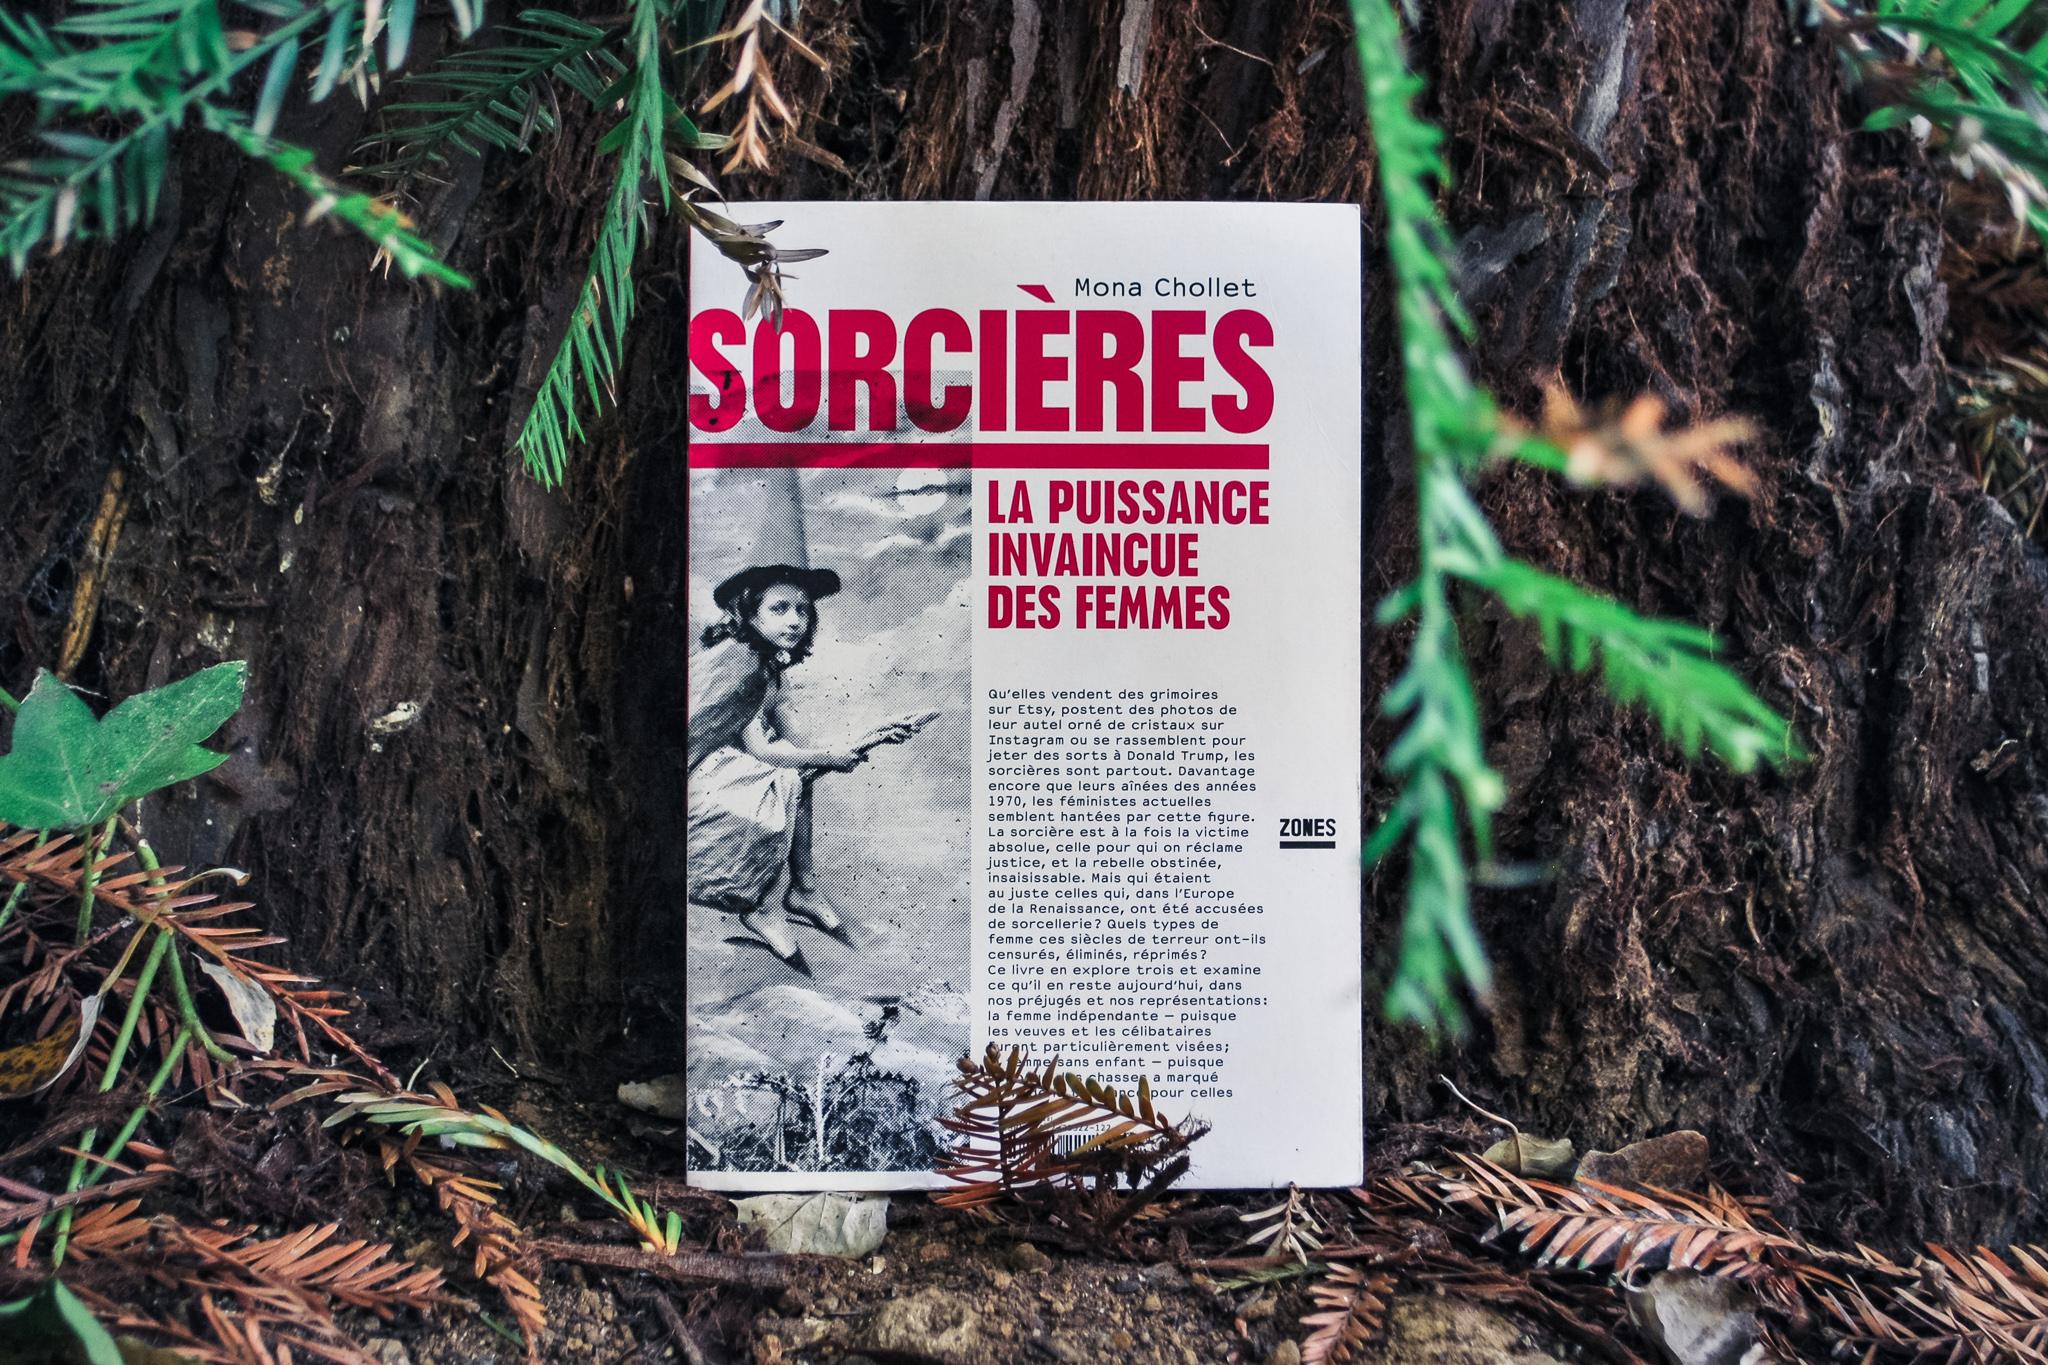 livres-a-lire-confinement-les-sorcieres-la-puissance-invaincue-des-femmes-mona-chollet